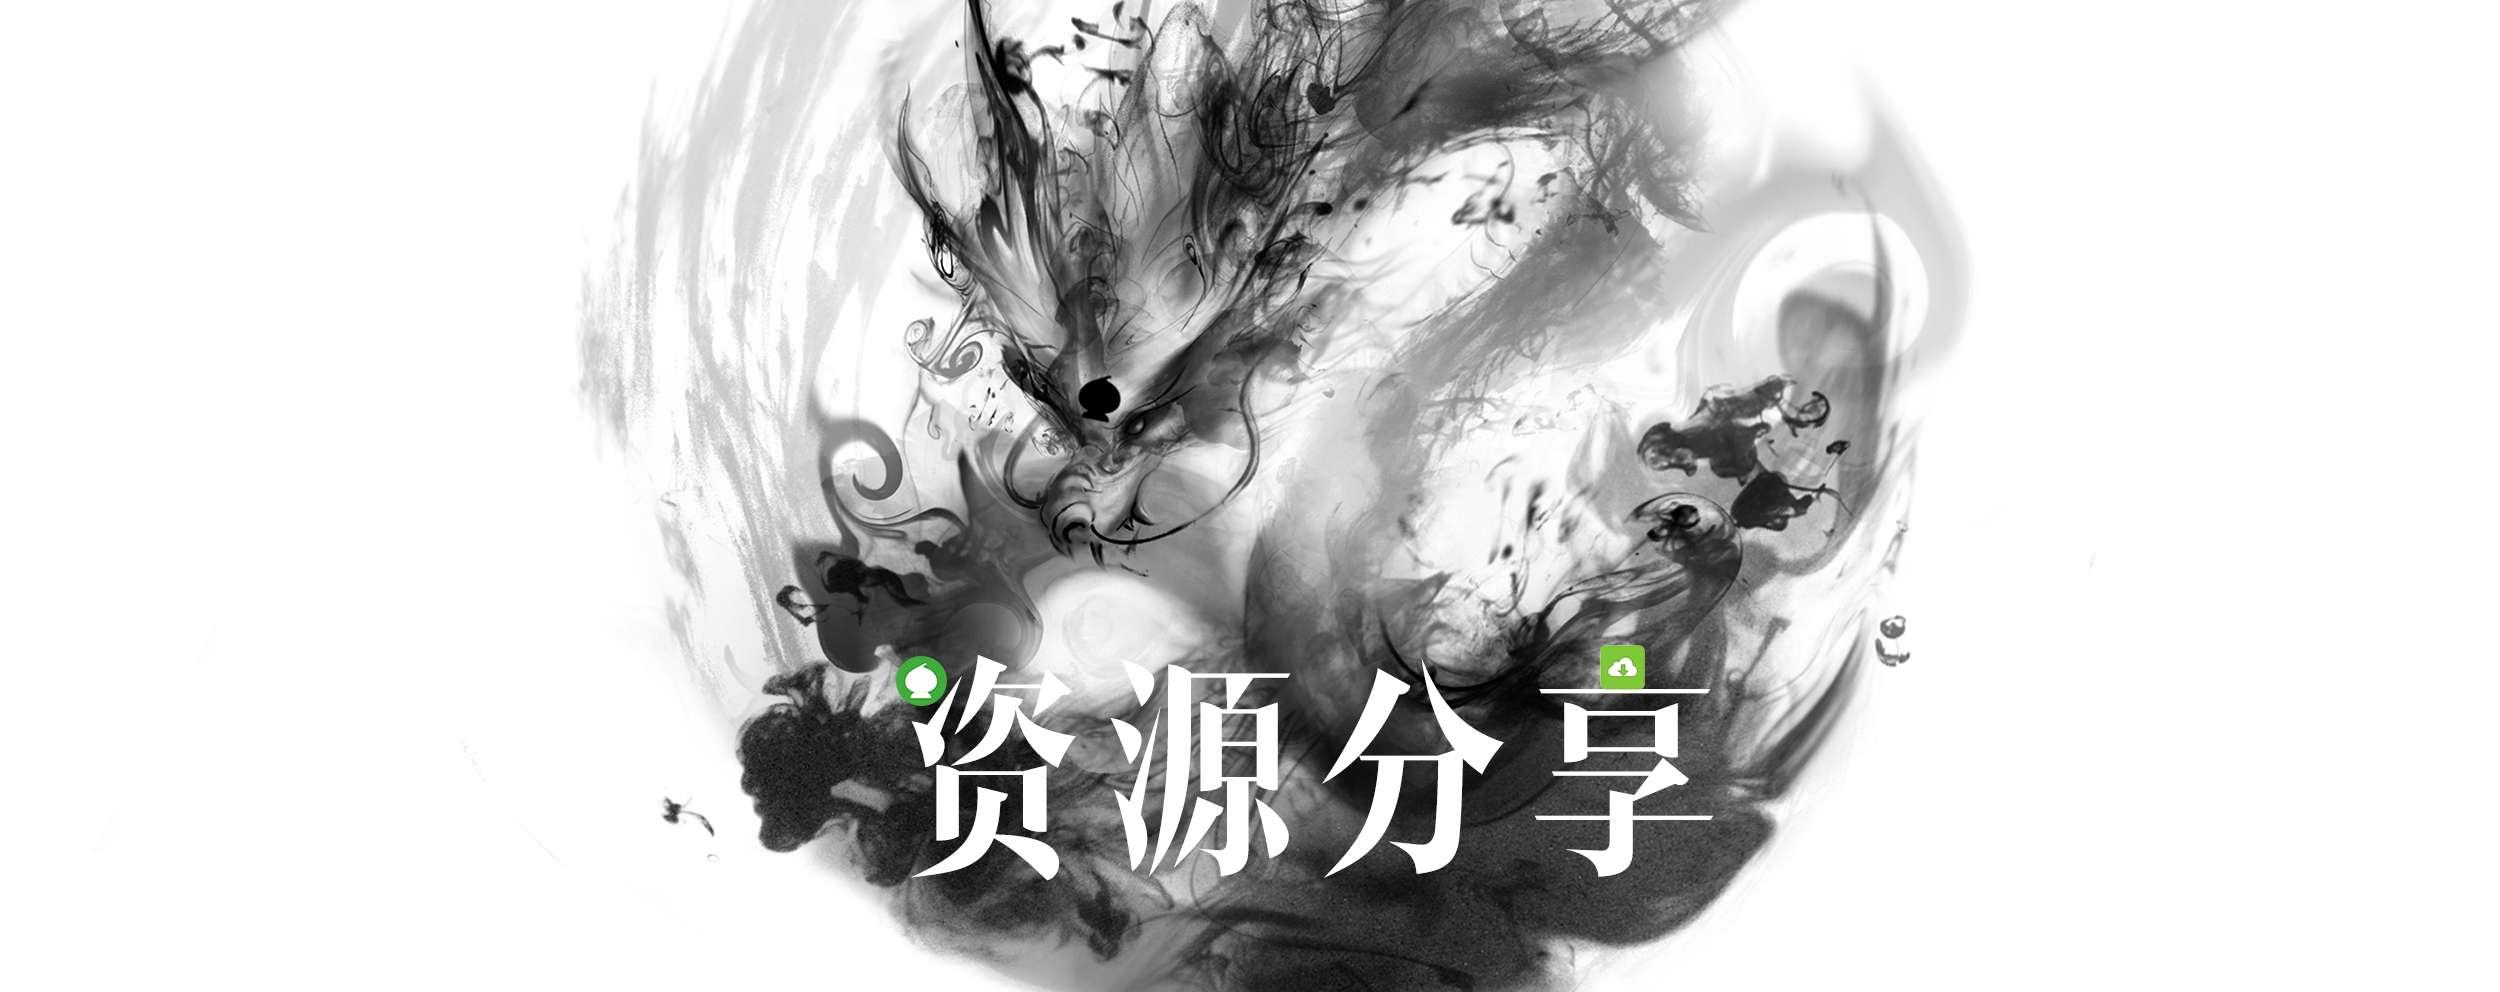 【资源分享】速电(影视)